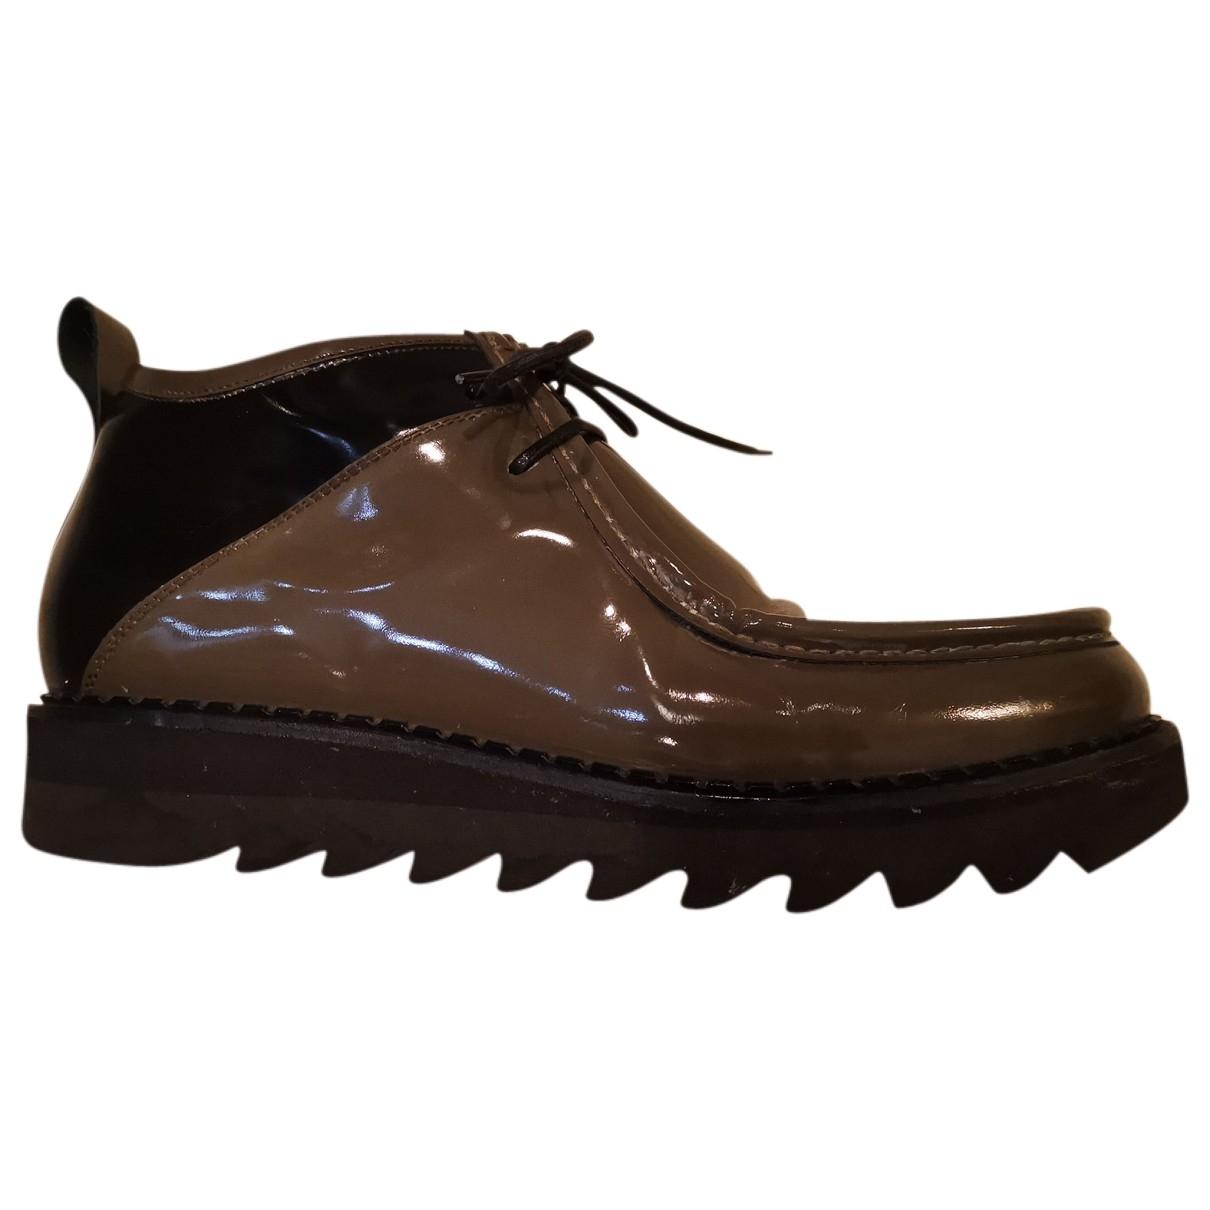 Alberto Guardiani - Bottes.Boots   pour homme en cuir - kaki